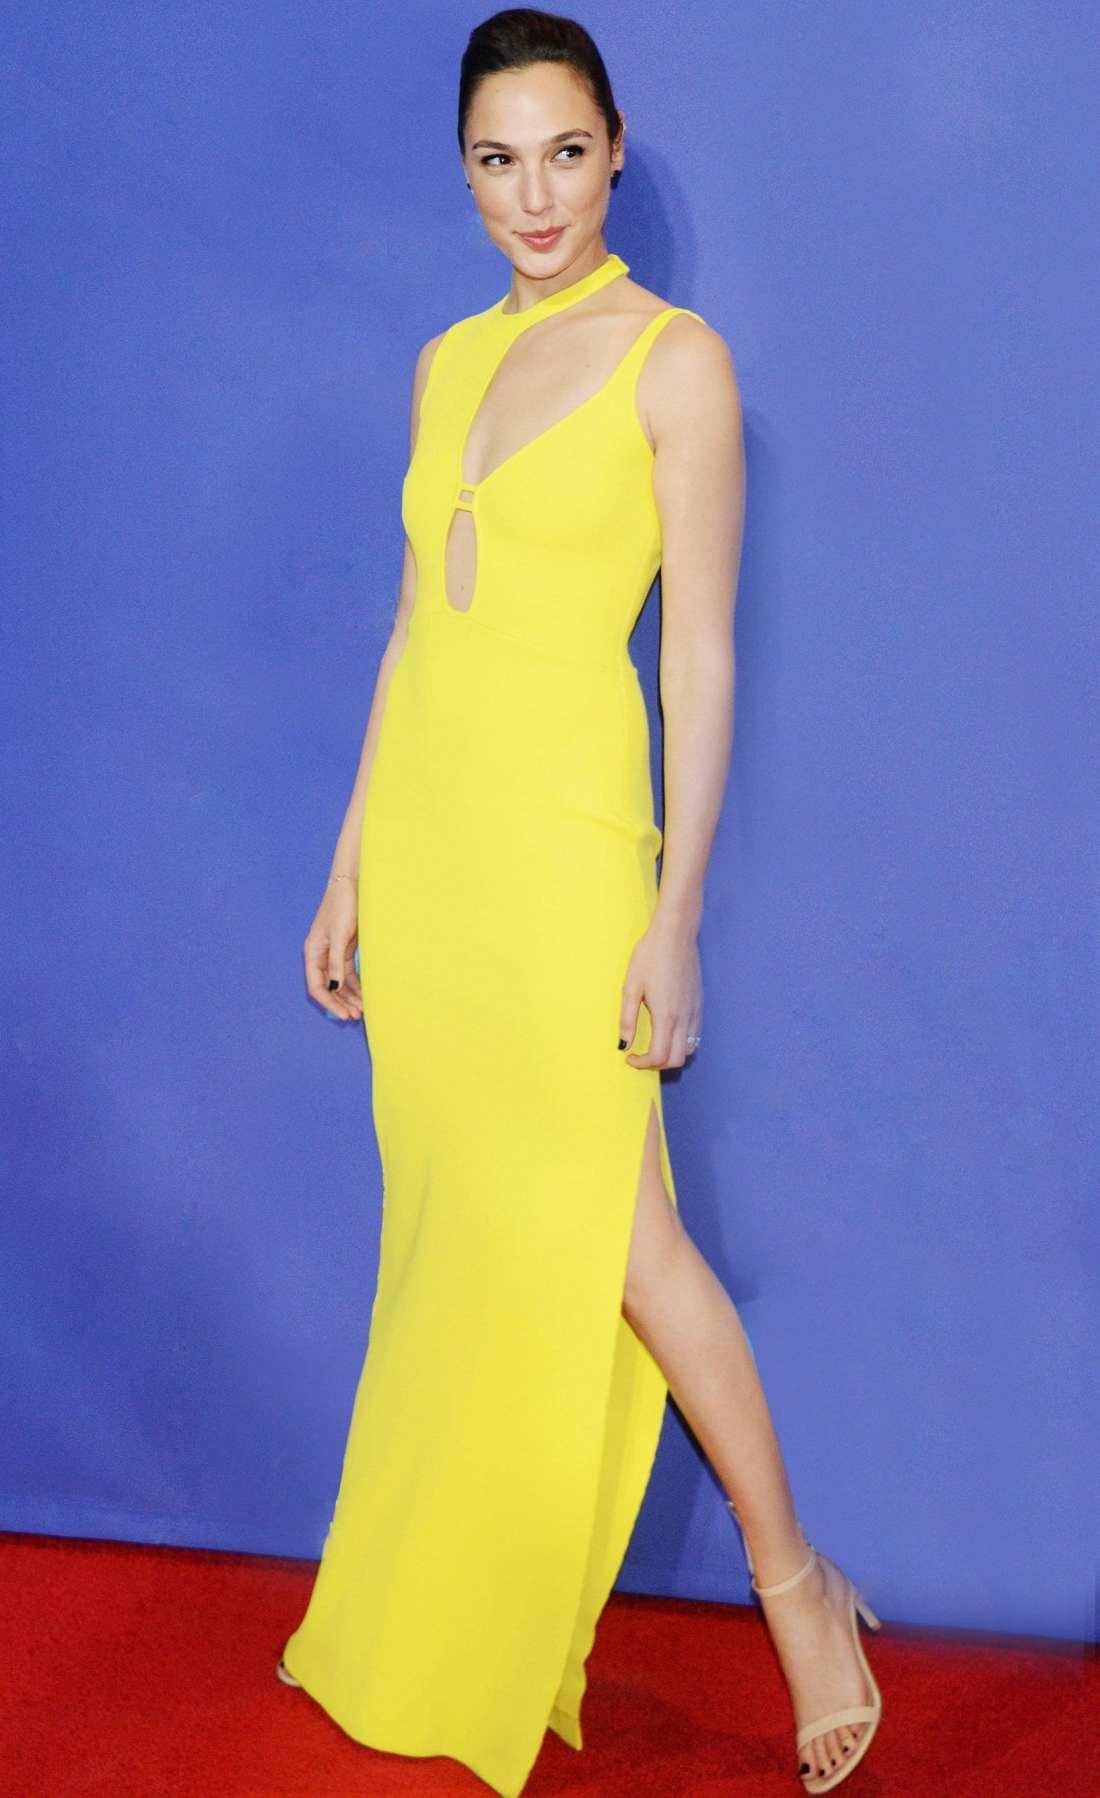 Actress Gal Gadot wearing Esteban Cortazar Spring 2018 dress styled by Elizabeth Stewart Celebrity Stylist for 29th Annual Palm Springs International Film Festival Awards Gala